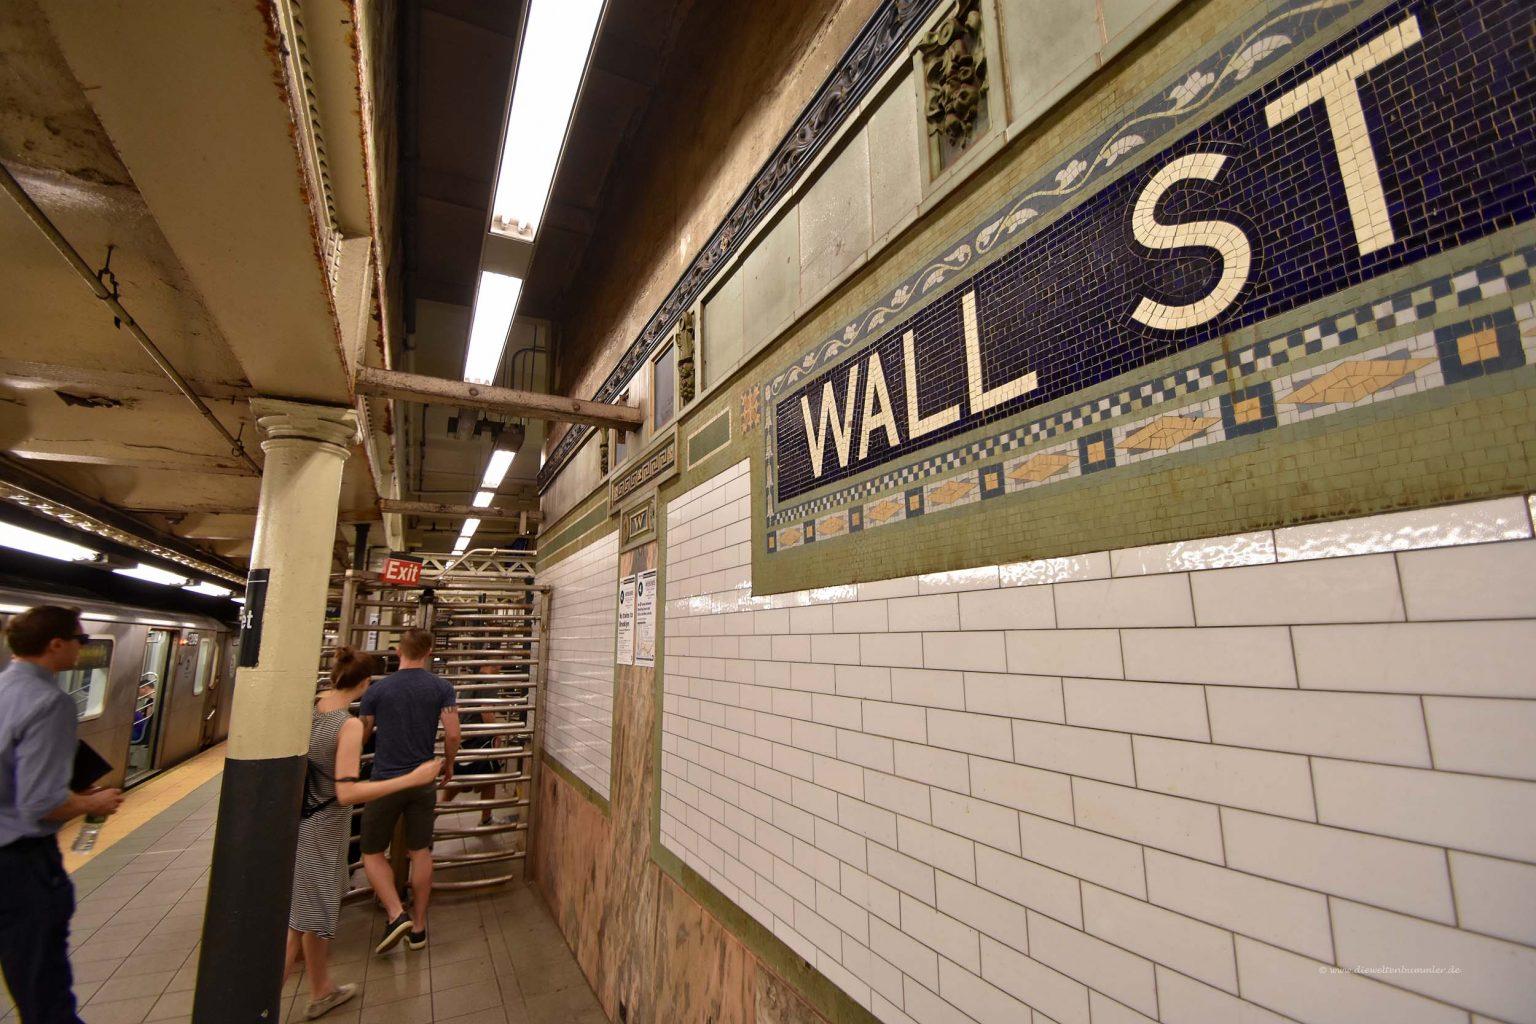 U-Bahn-Haltestelle Wall Street